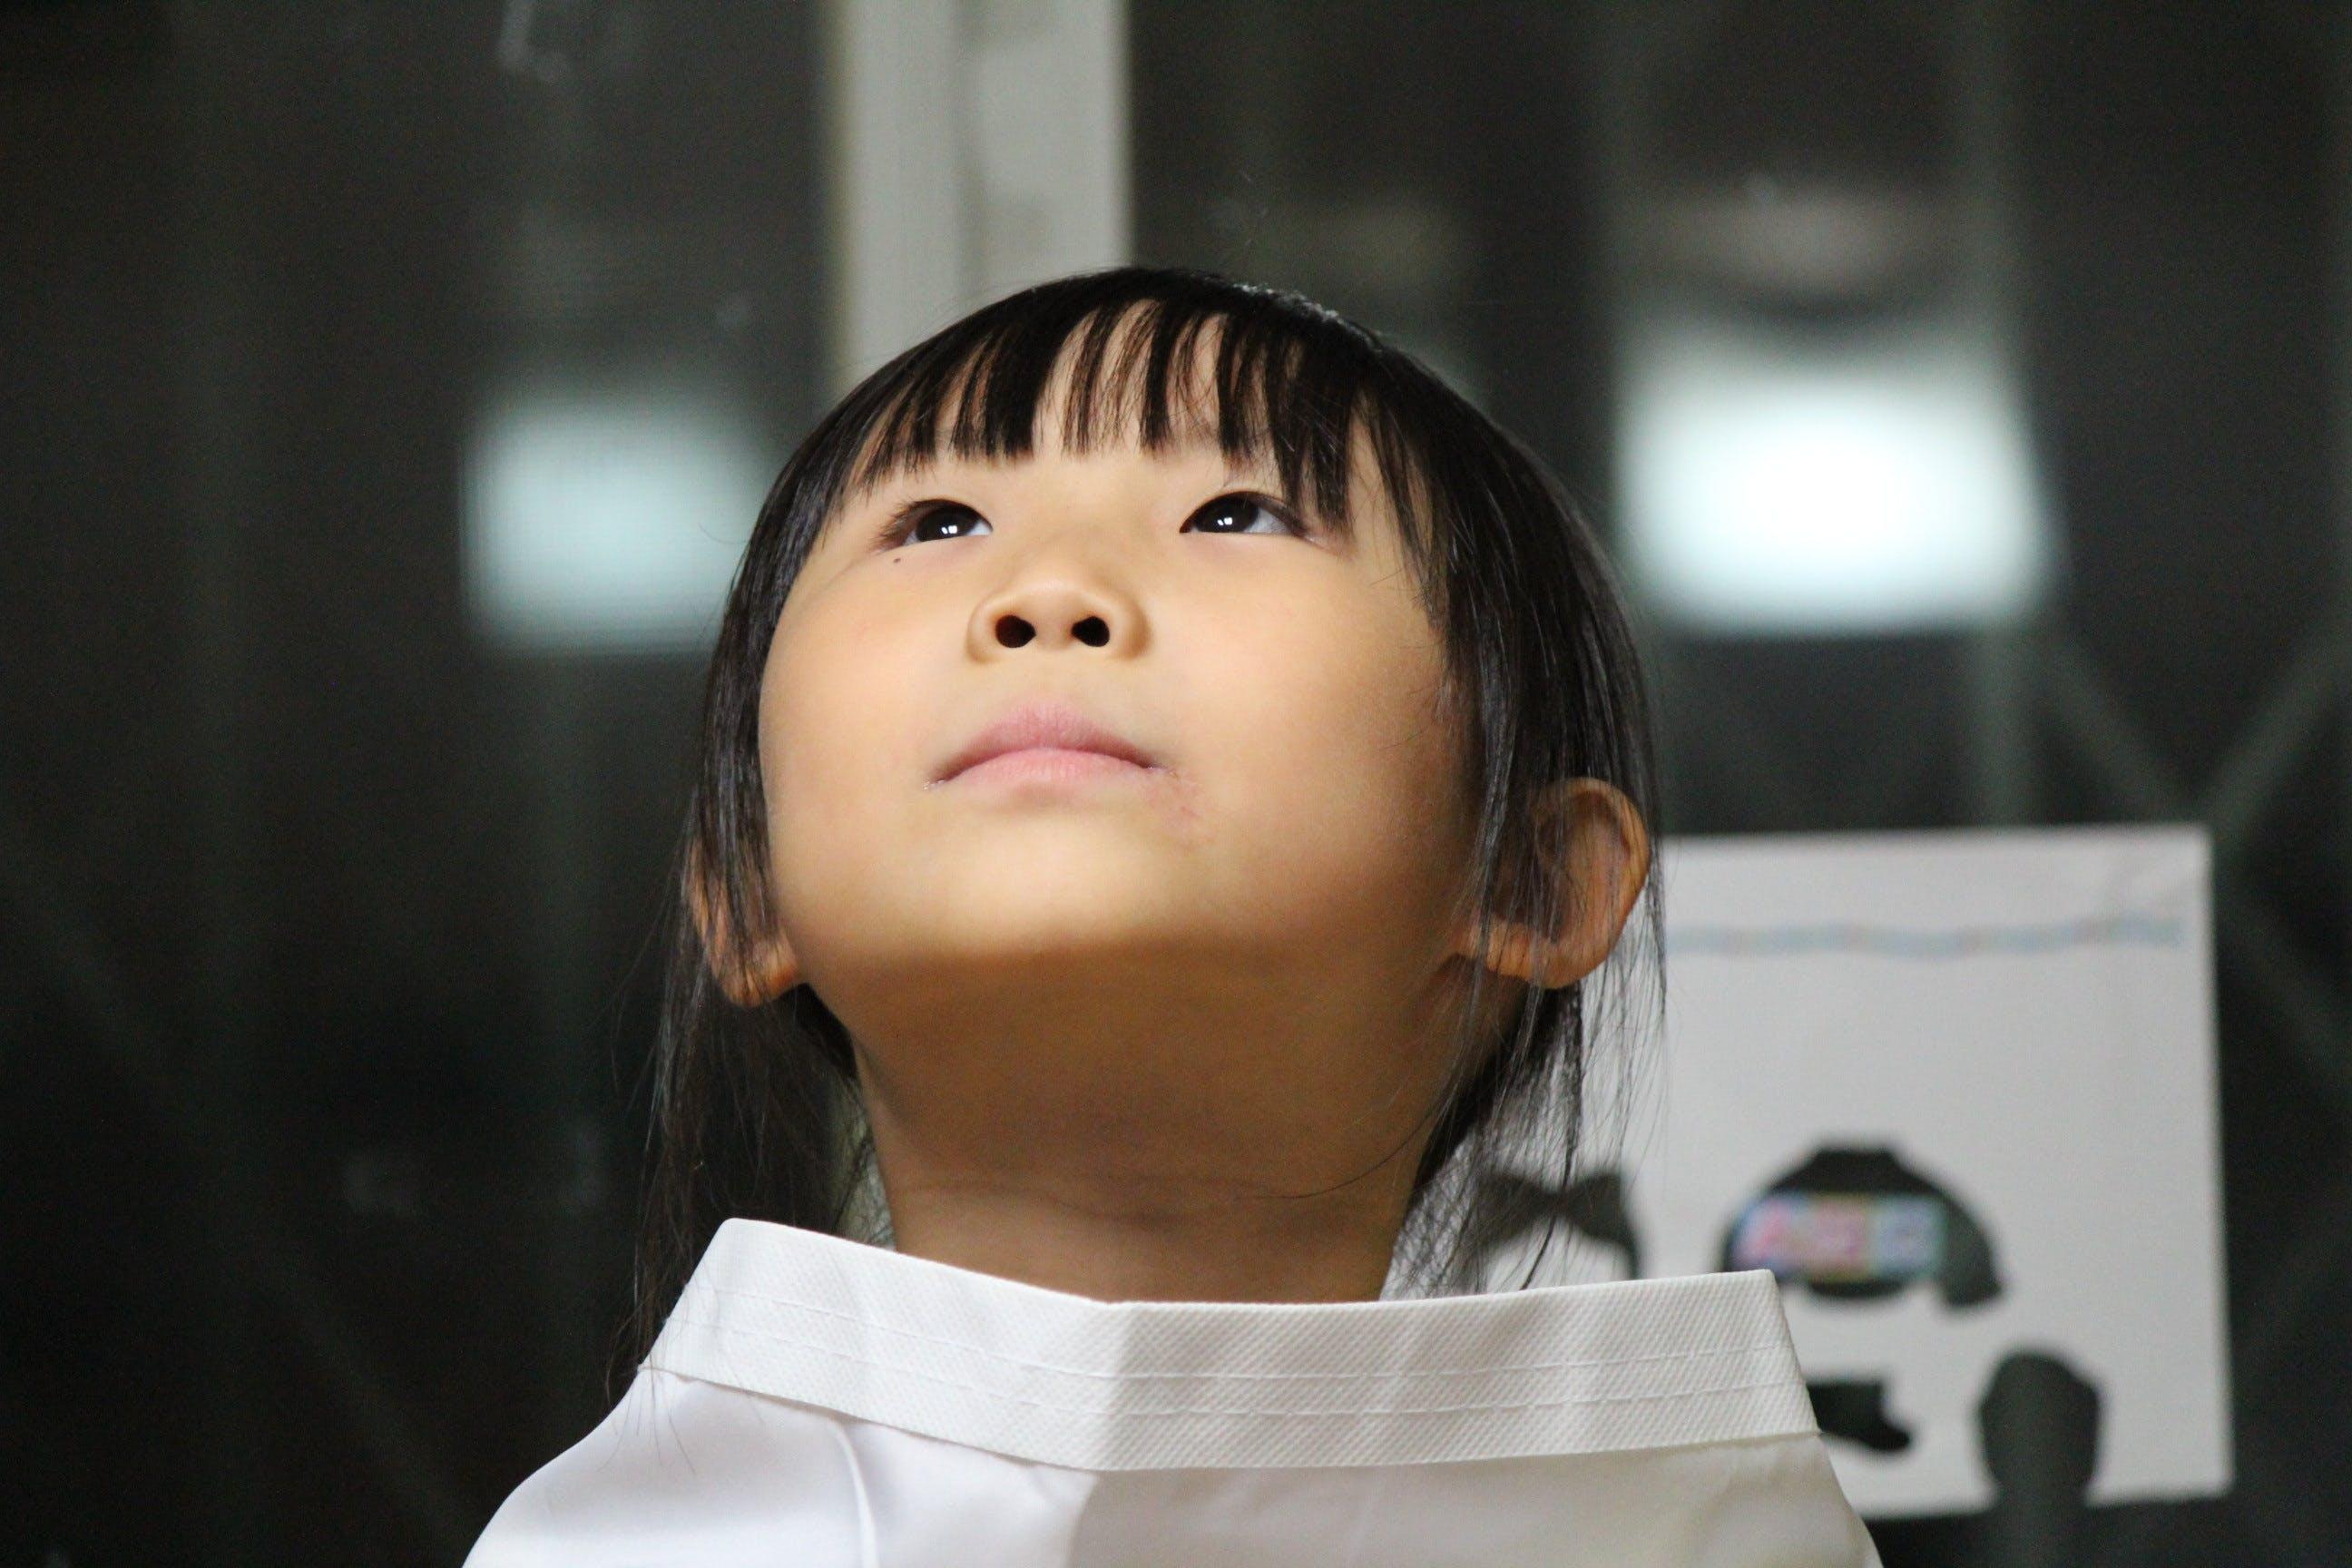 Black Haired Girl on White Shirt